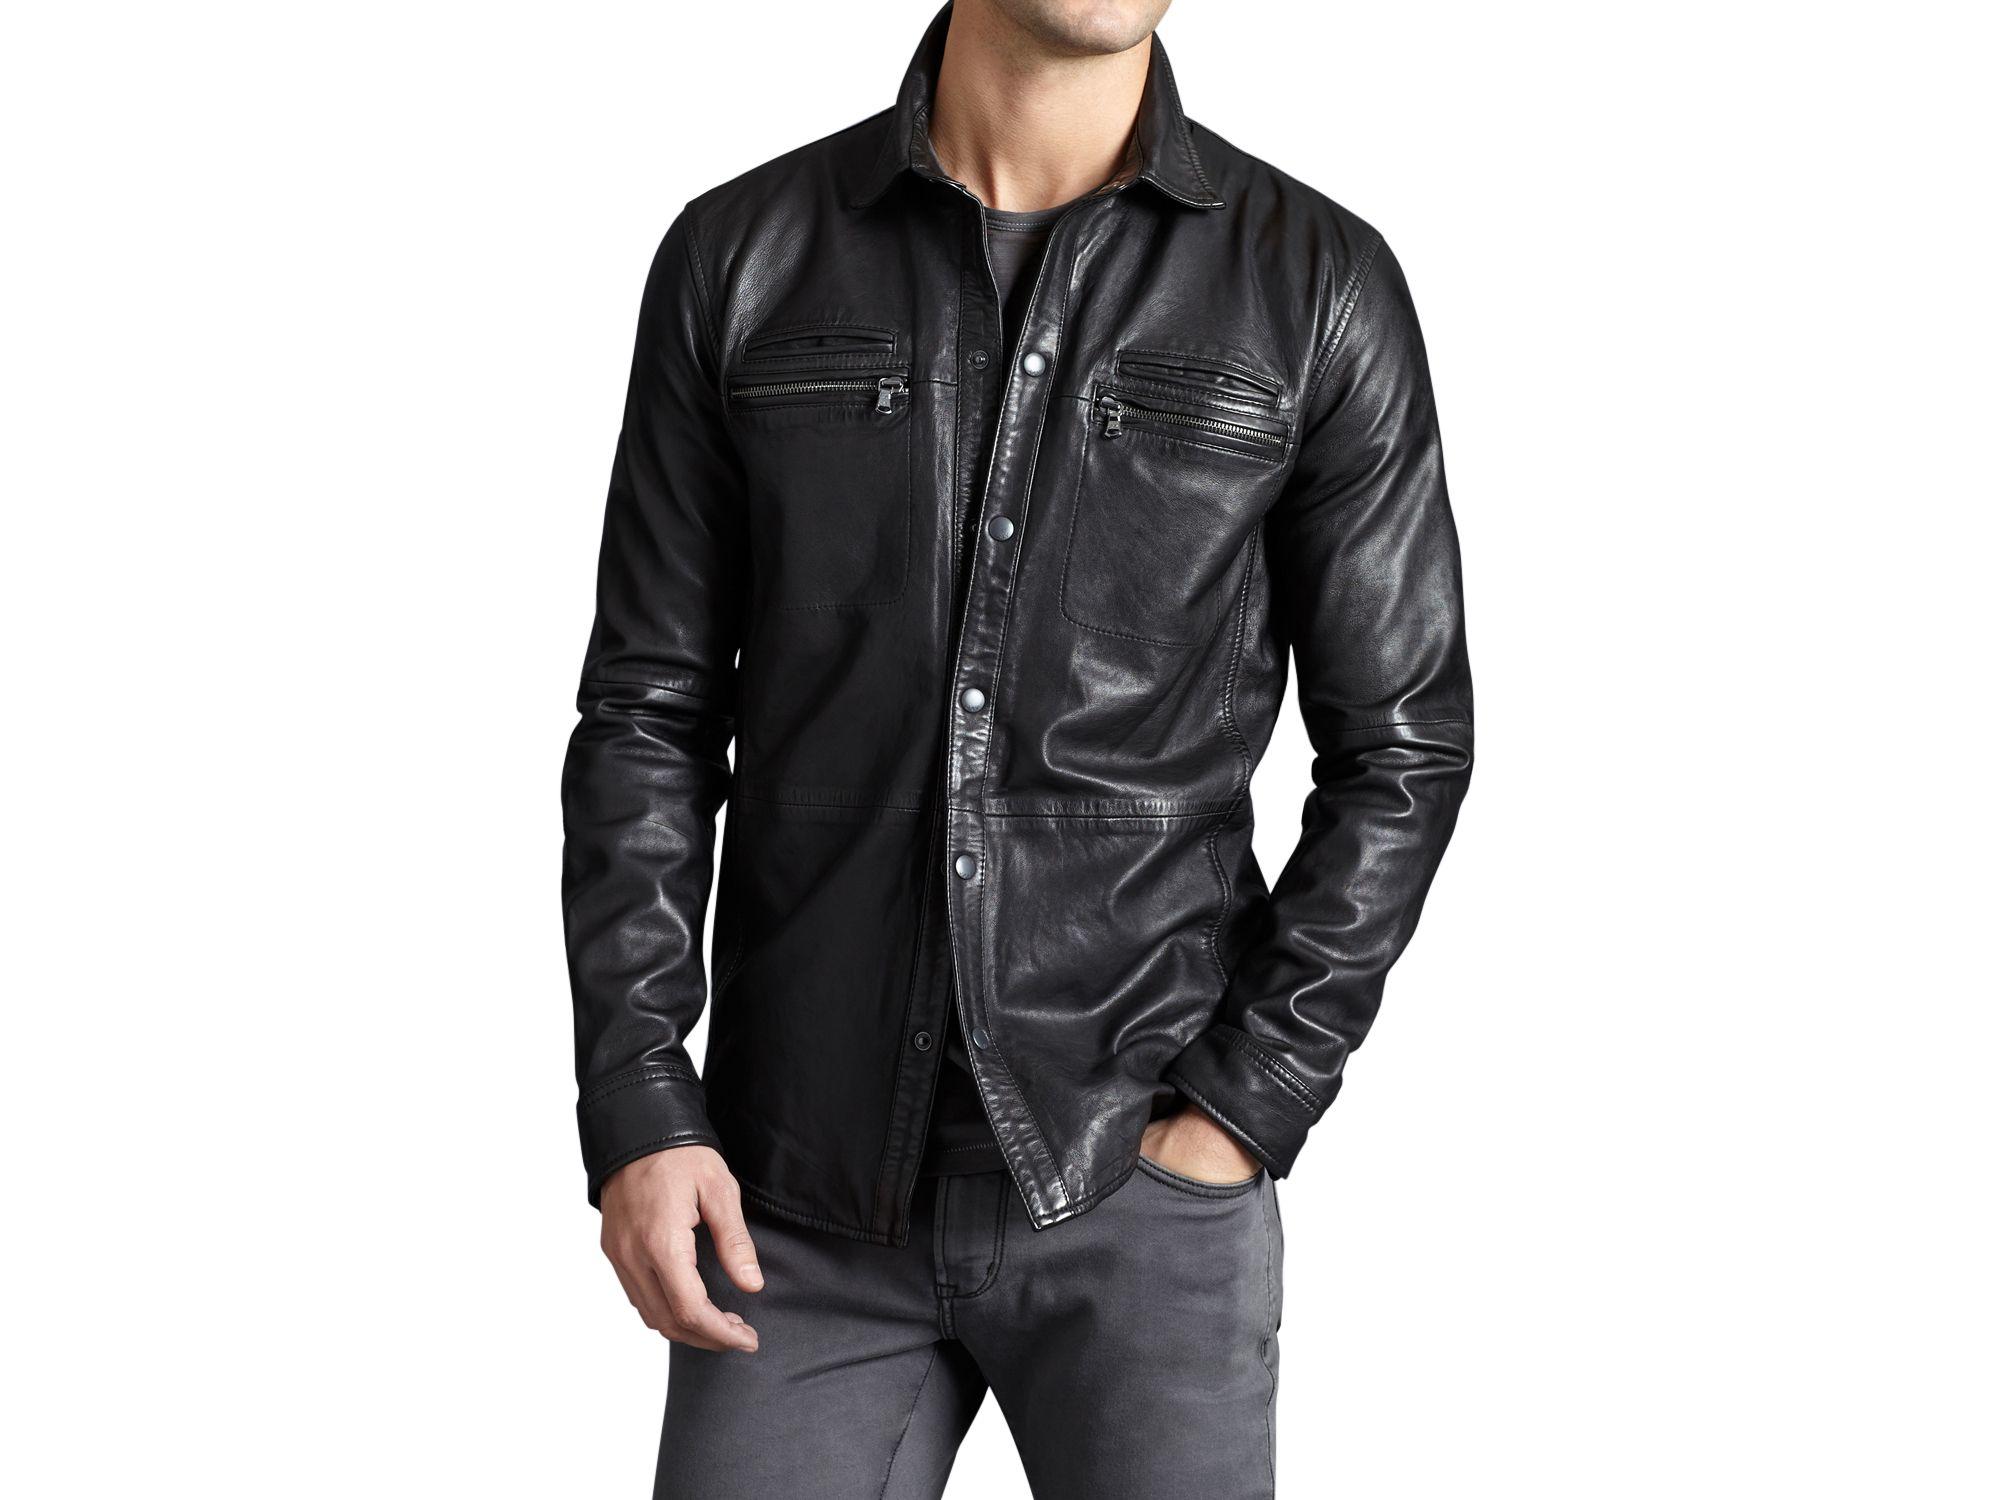 leather shirt gallery pqopbyr